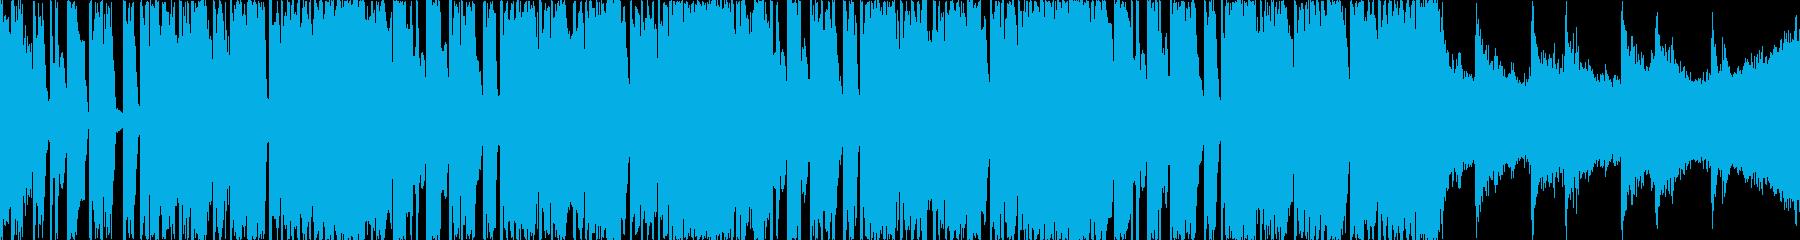 日本語おしゃれで明るいエレクトロ、Lの再生済みの波形